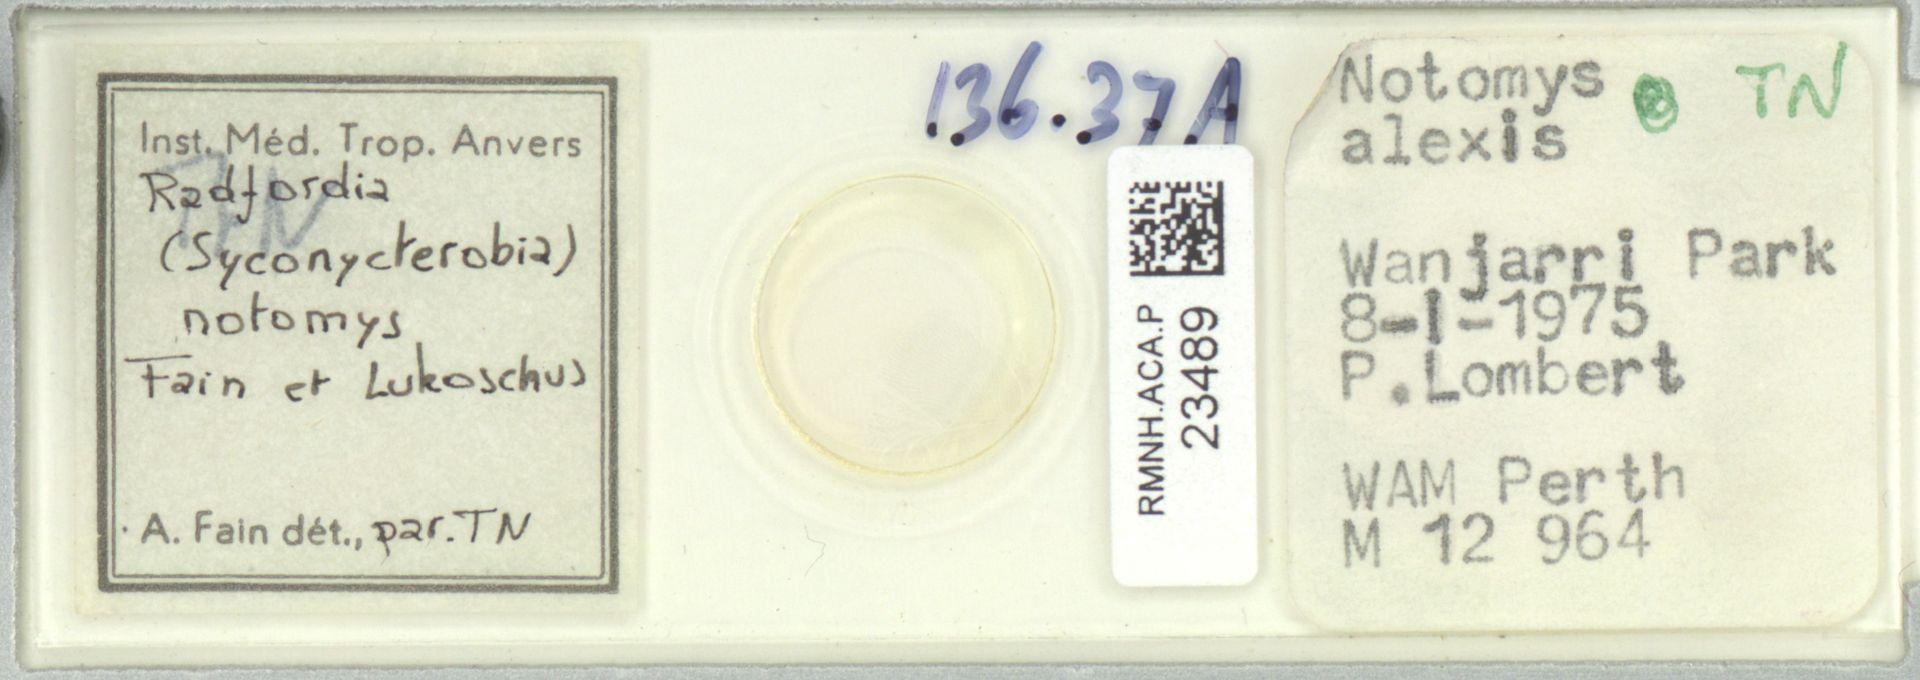 RMNH.ACA.P.23489 | Radfordia (Syconycterobia) notomys Fain et Lukoschus